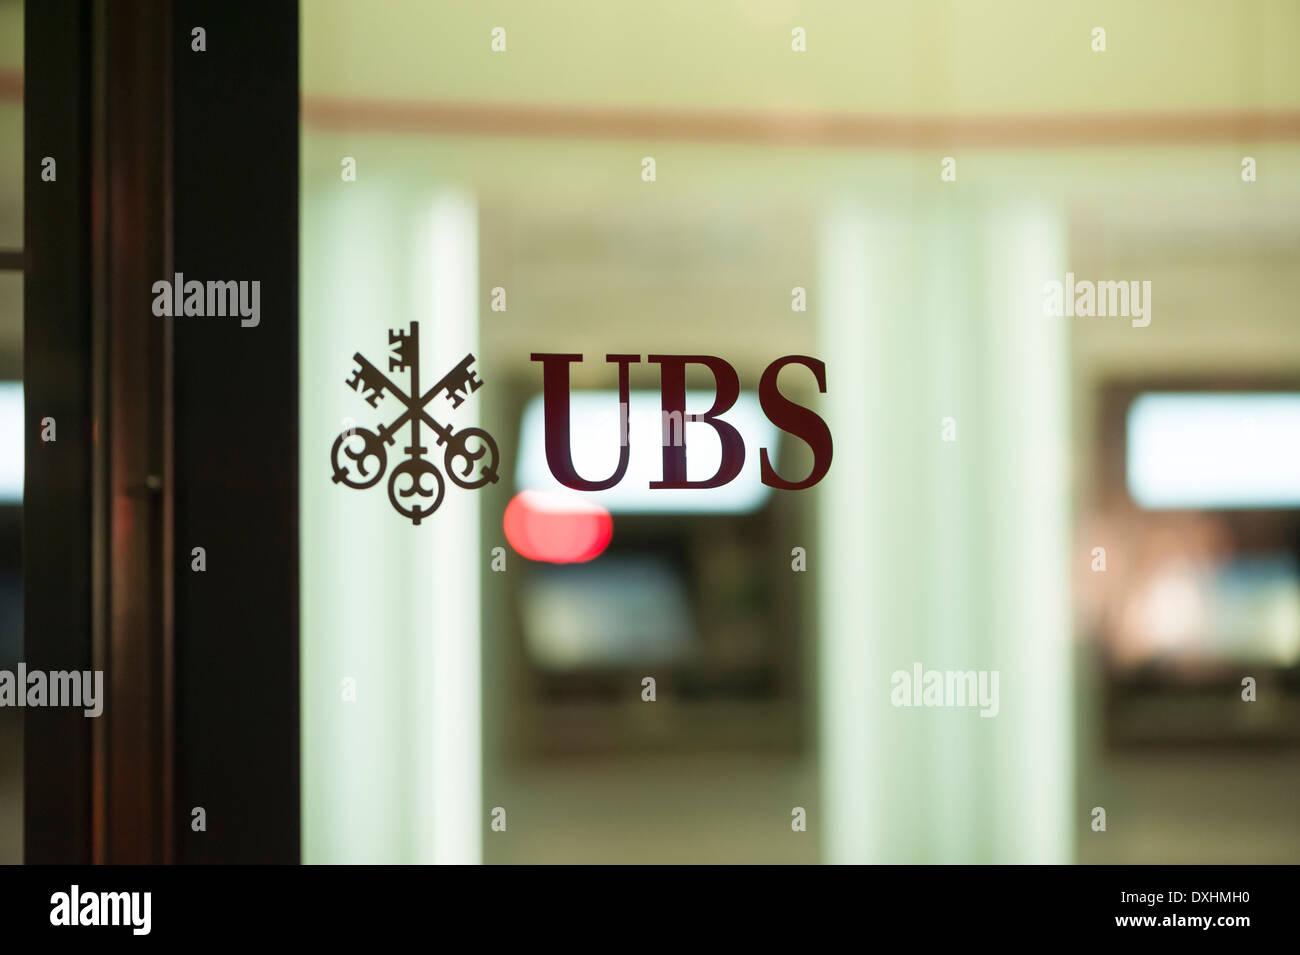 Ubs Logo Stock Photos & Ubs Logo Stock Images - Alamy